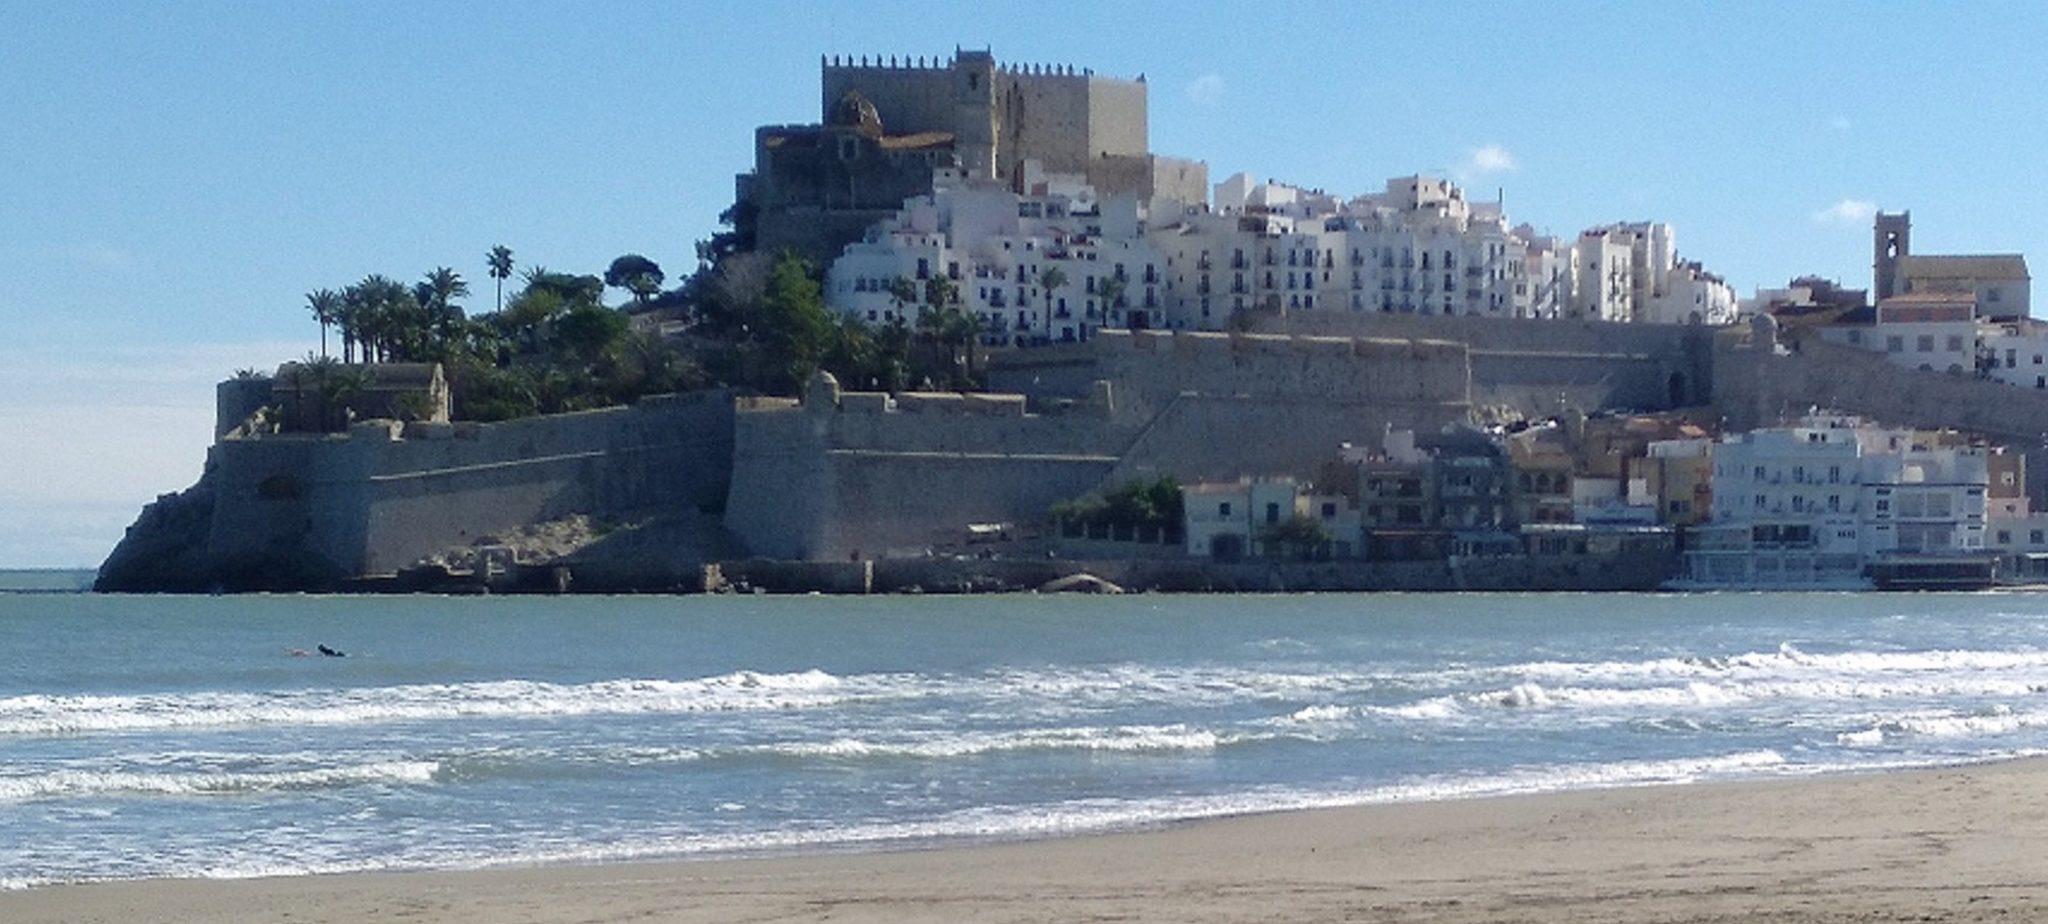 Une plage de sable fine avec son château médiéval